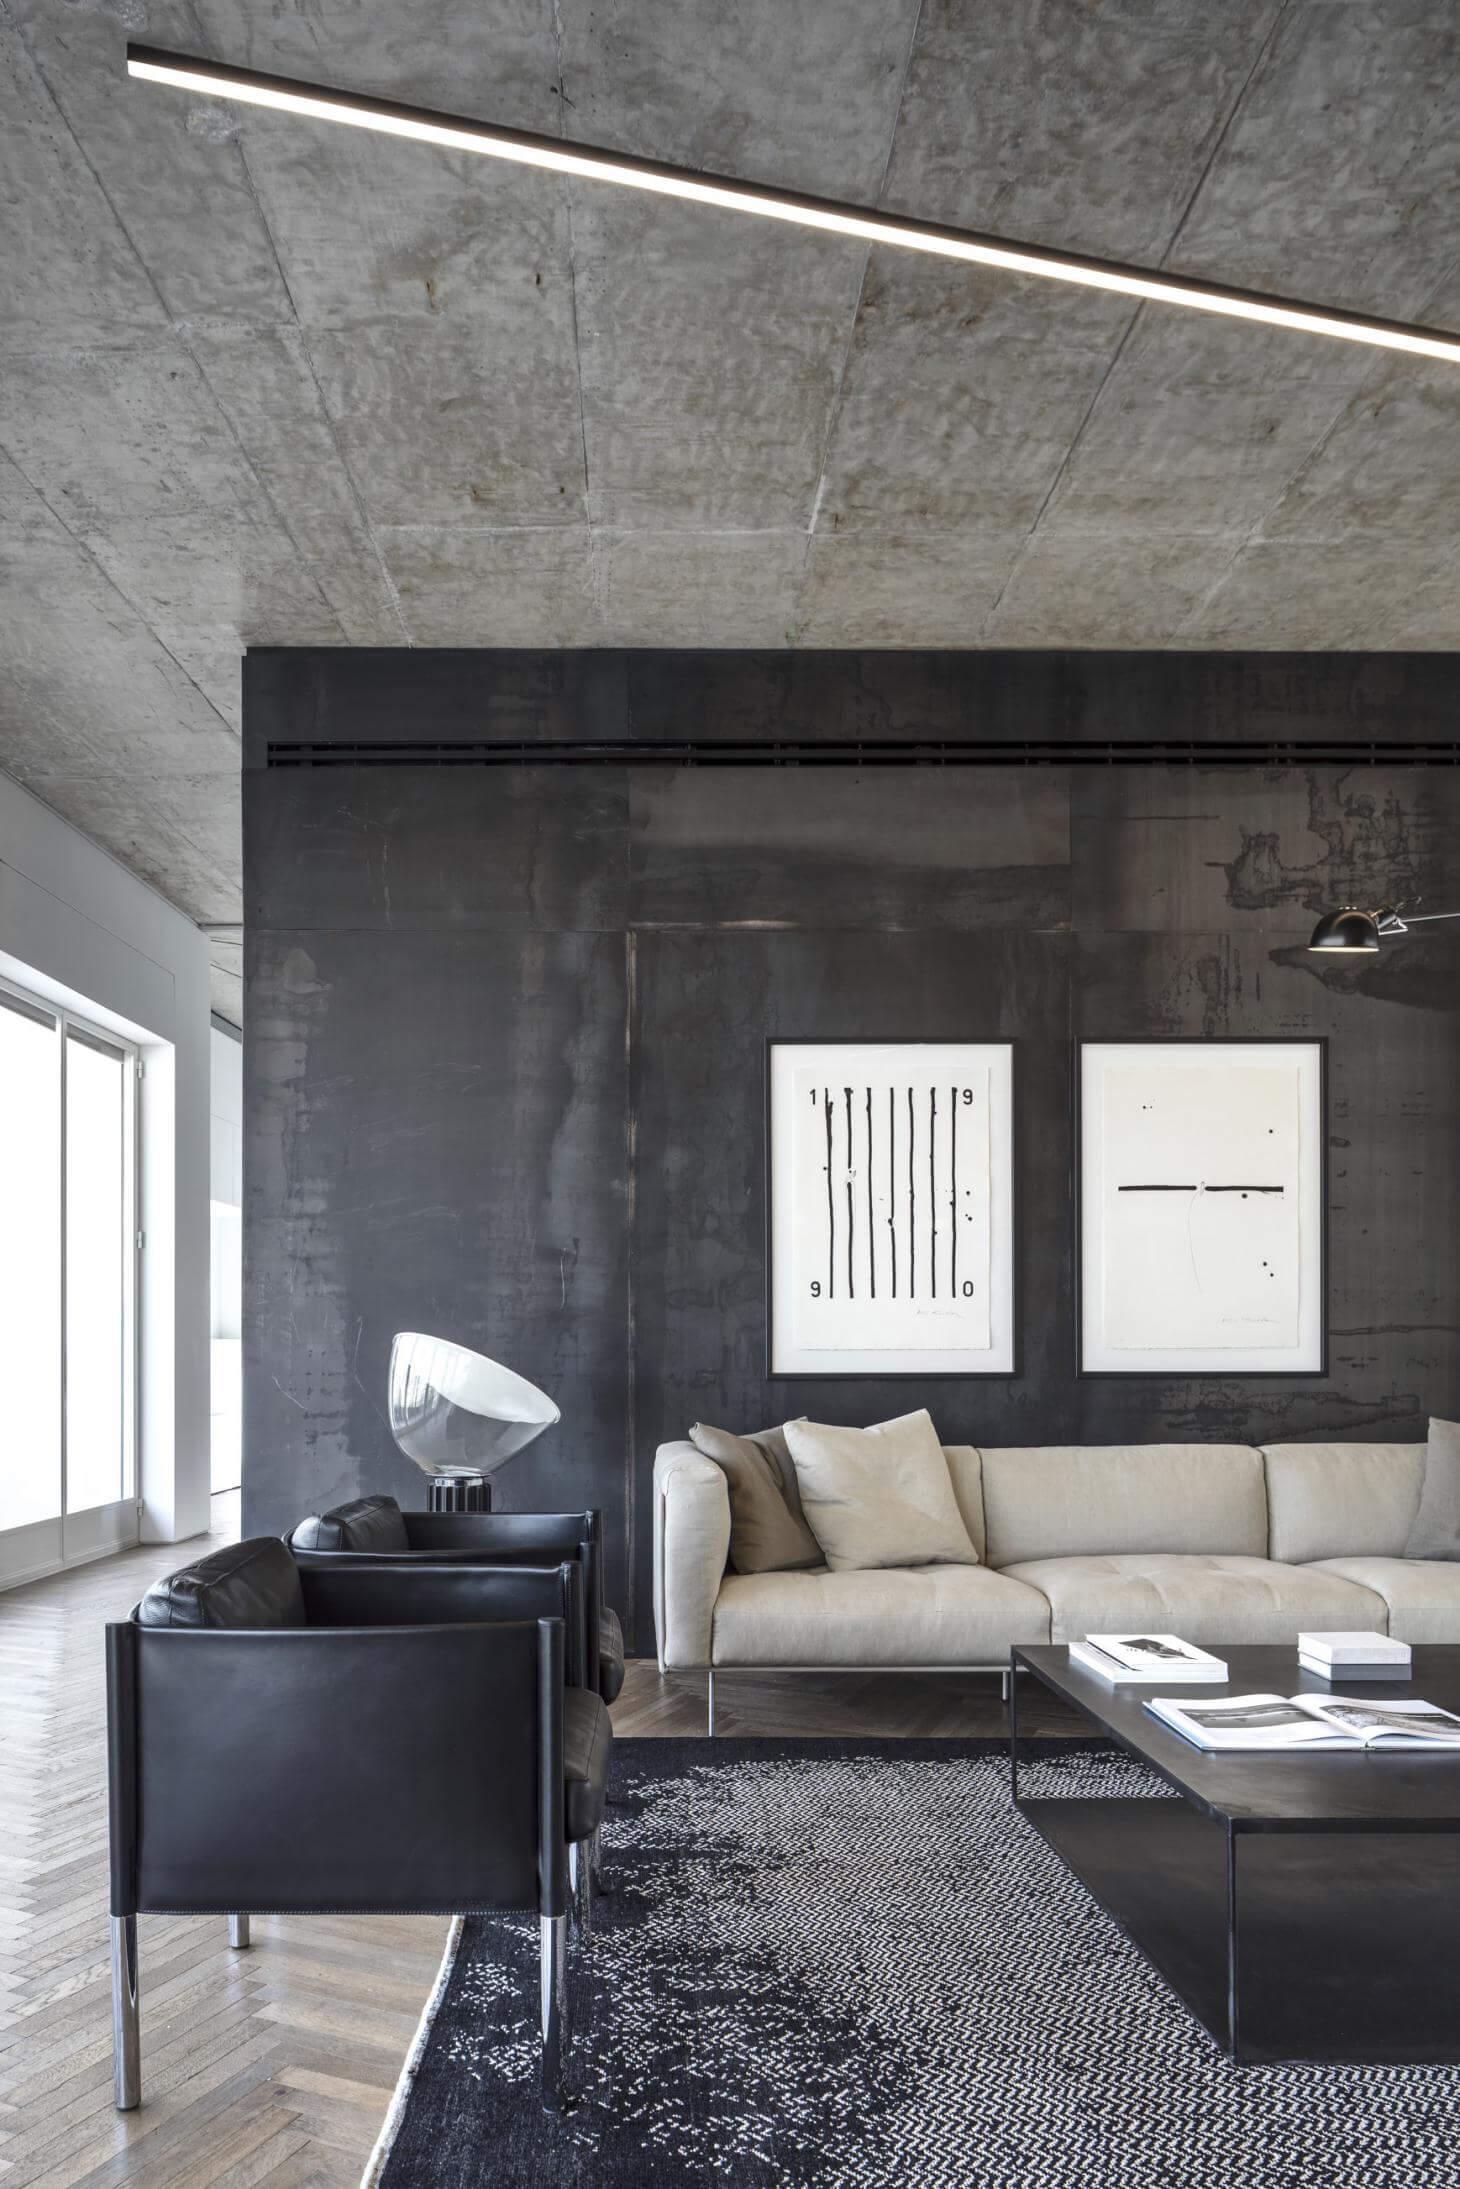 Đặc điểm thiết kế Bauhaus